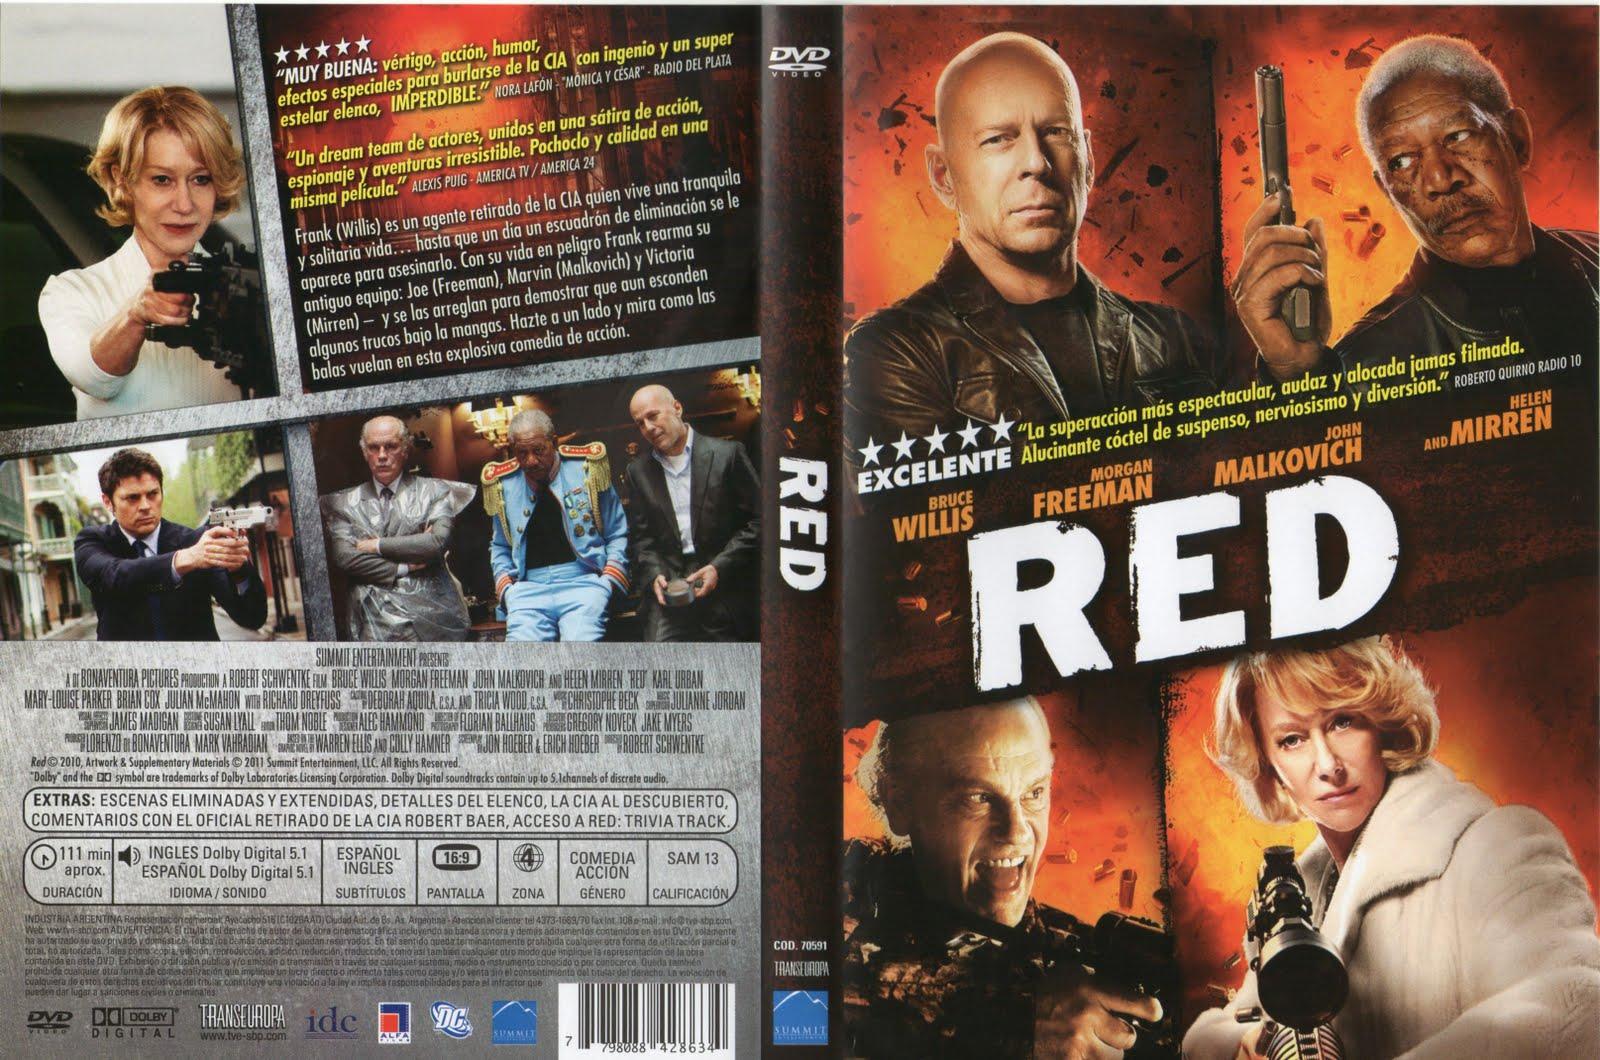 http://1.bp.blogspot.com/-vzhlyPSnqB8/TbSo5K2gHJI/AAAAAAAAABM/d9A3qSqDrwg/s1600/Red_-_2010_-_Region_4_por_Seba19_%255Bdvd%255D_80.jpg